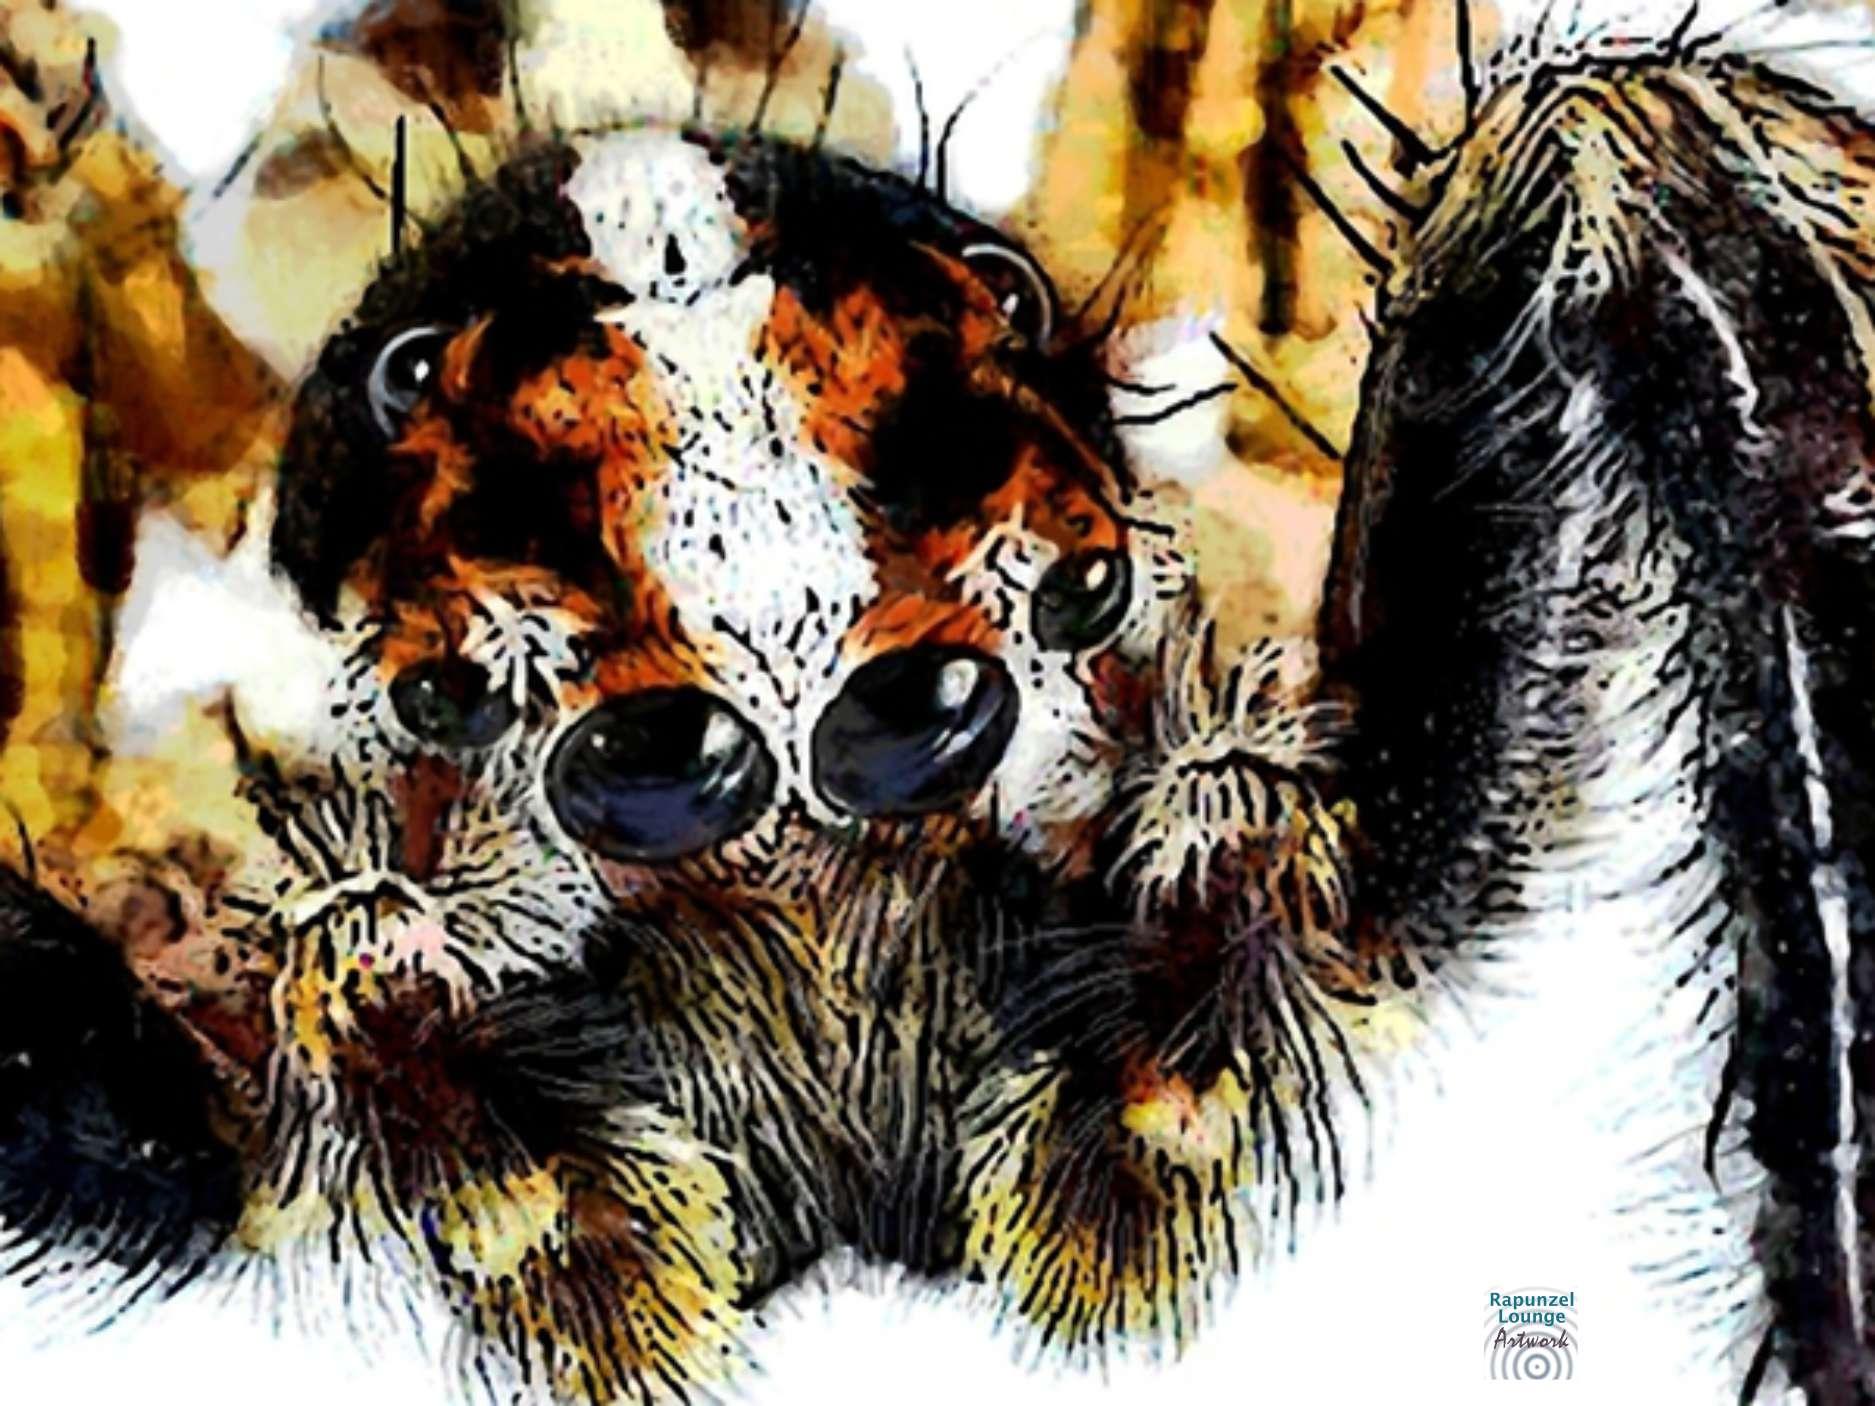 Krafttier Spinne (Ausschnitt) bei www.rapunzellounge.de